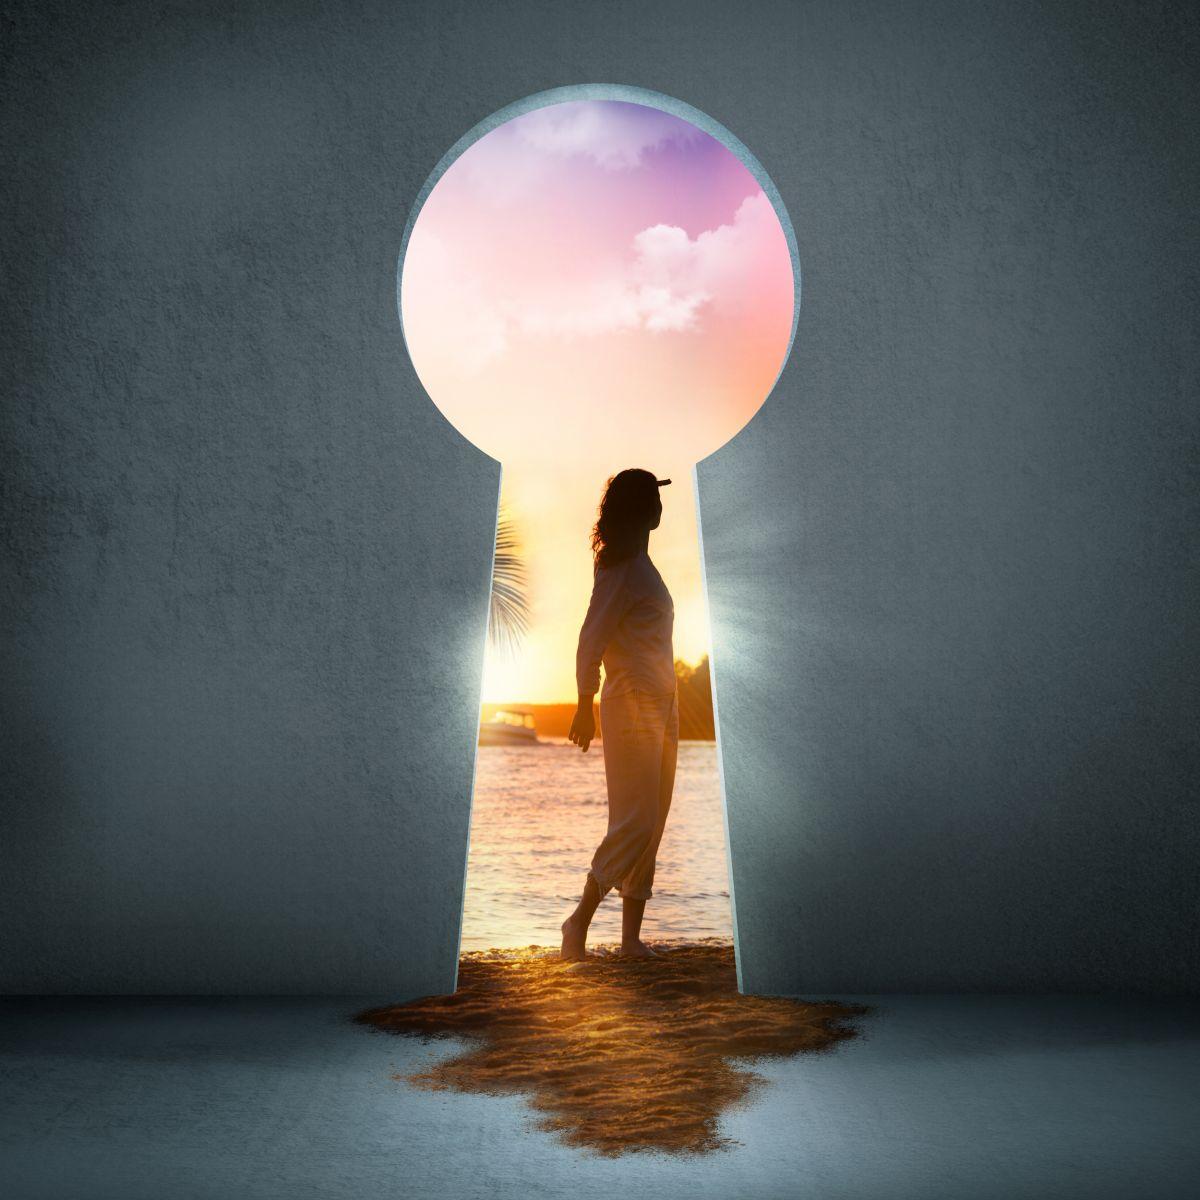 Une meilleure version de vous-même est enfouie à l'intérieur de vous.